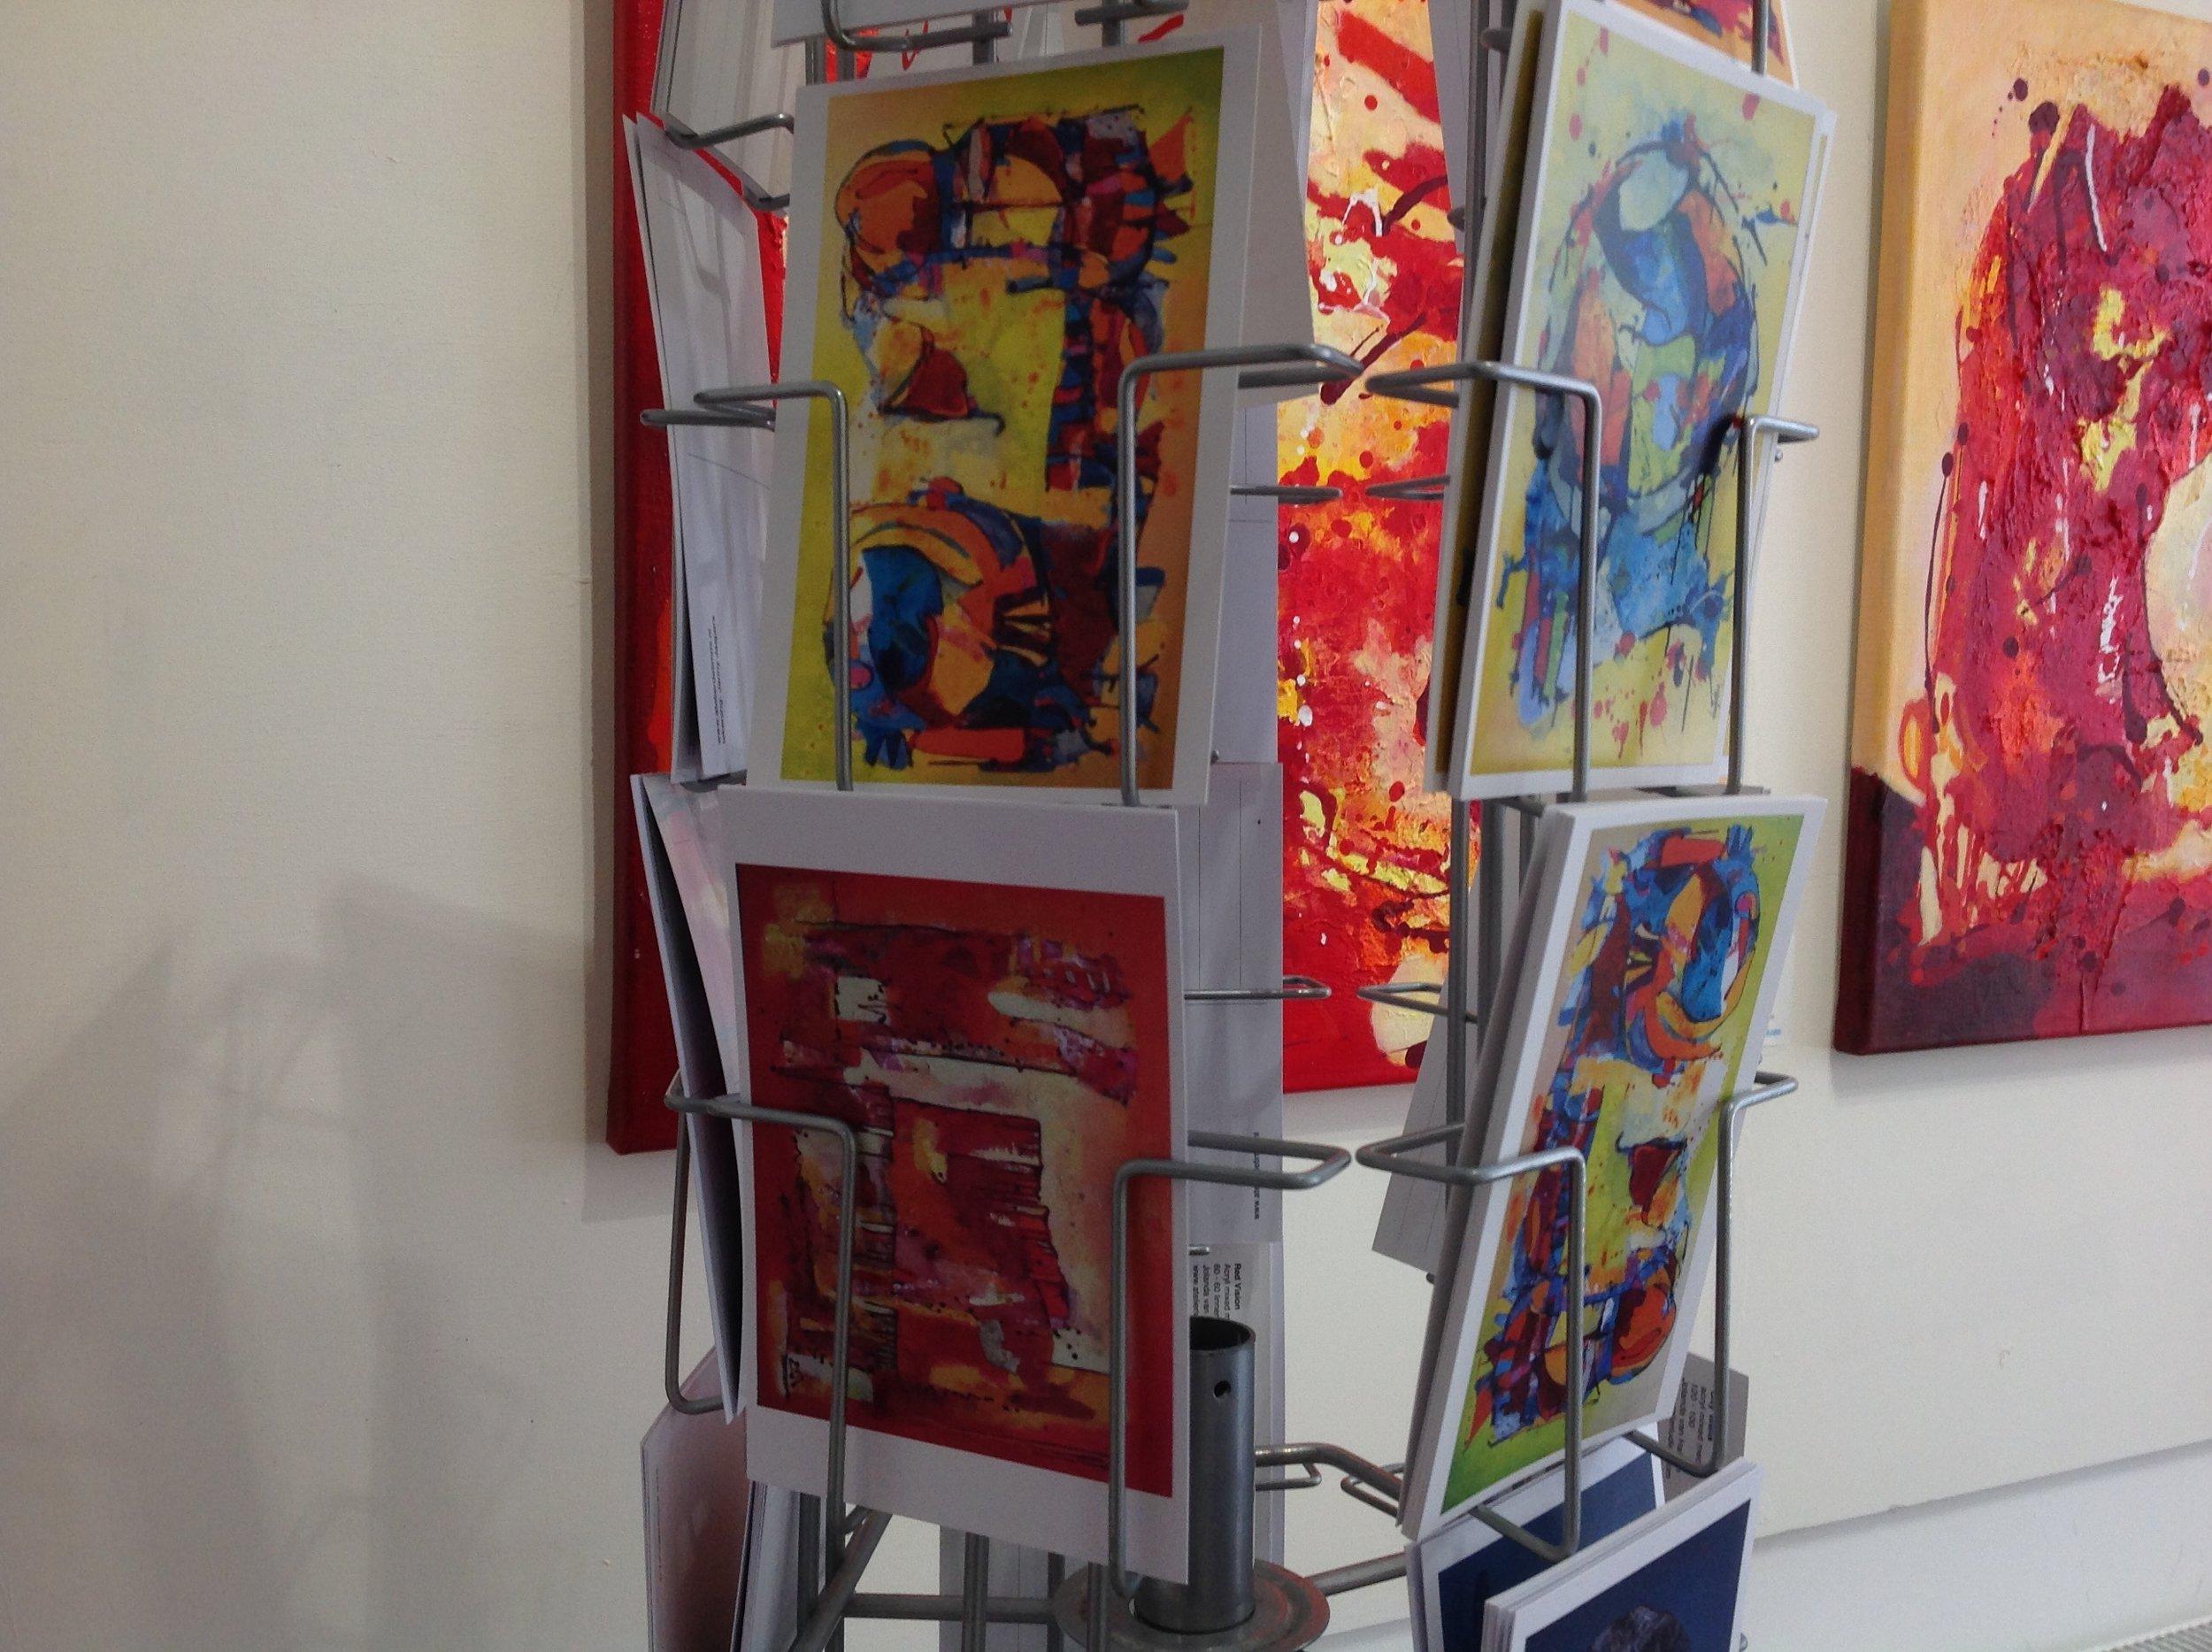 Kunstkaarten met mijn werk erop. Super..